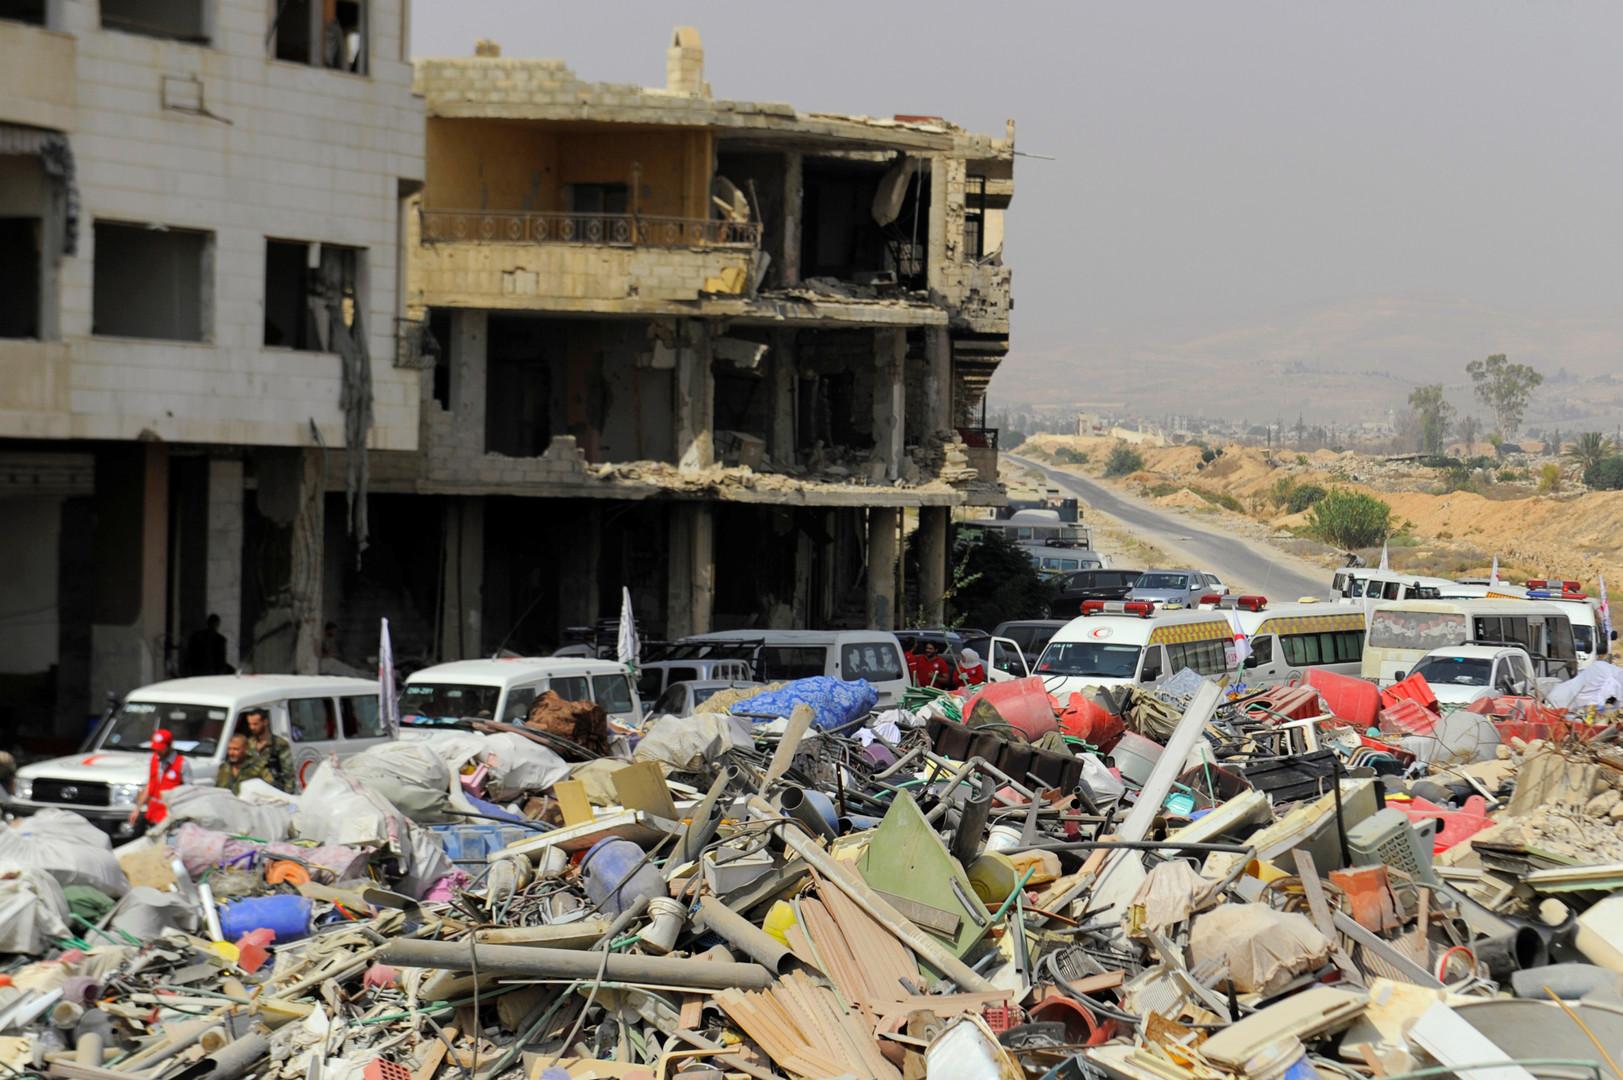 Syrie : des rebelles et leurs familles commencent à quitter la ville assiégée de Daraya